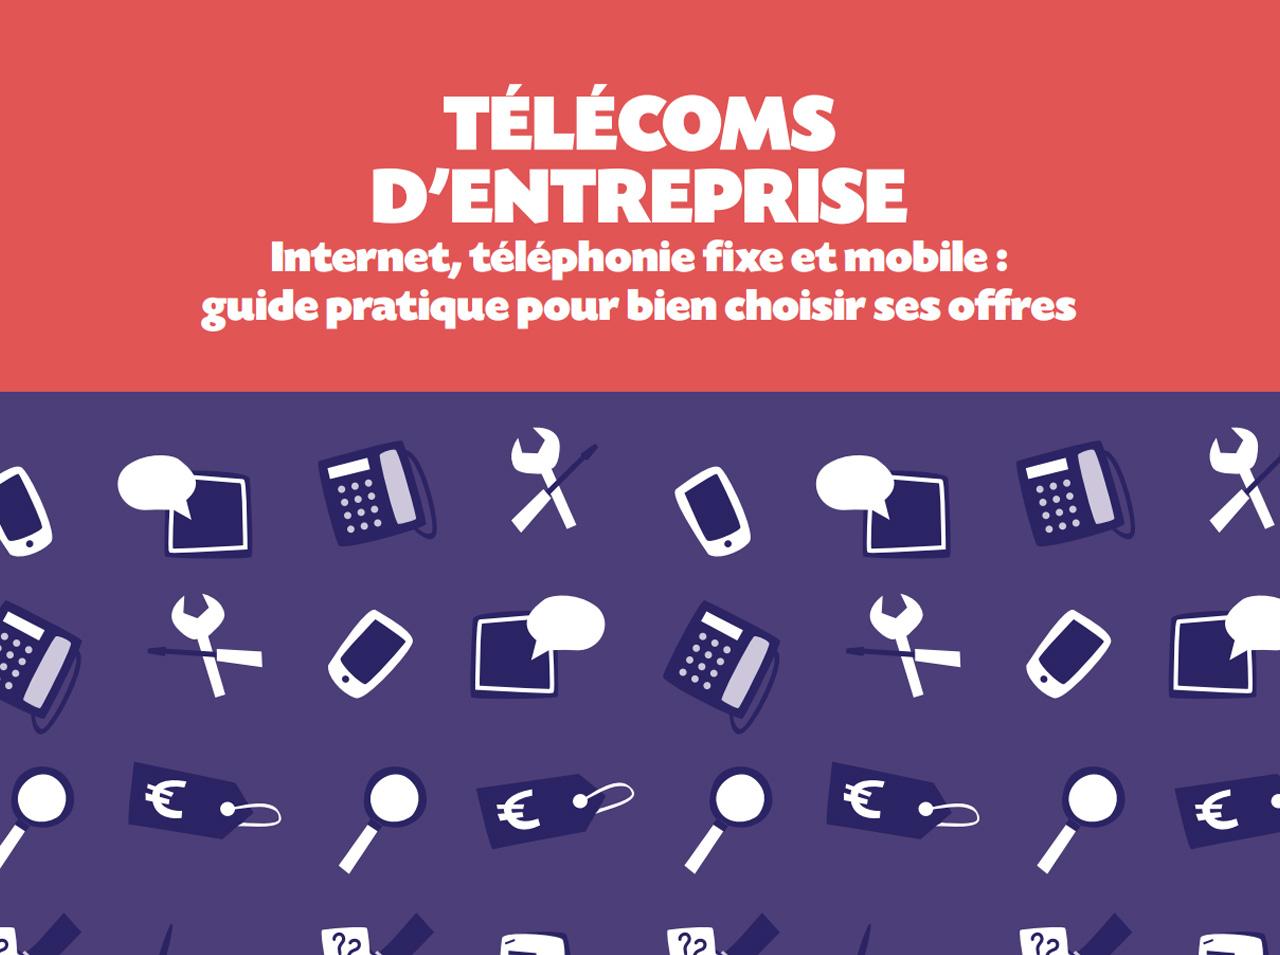 Guide pratique - choisir ses offres internet et téléphonie